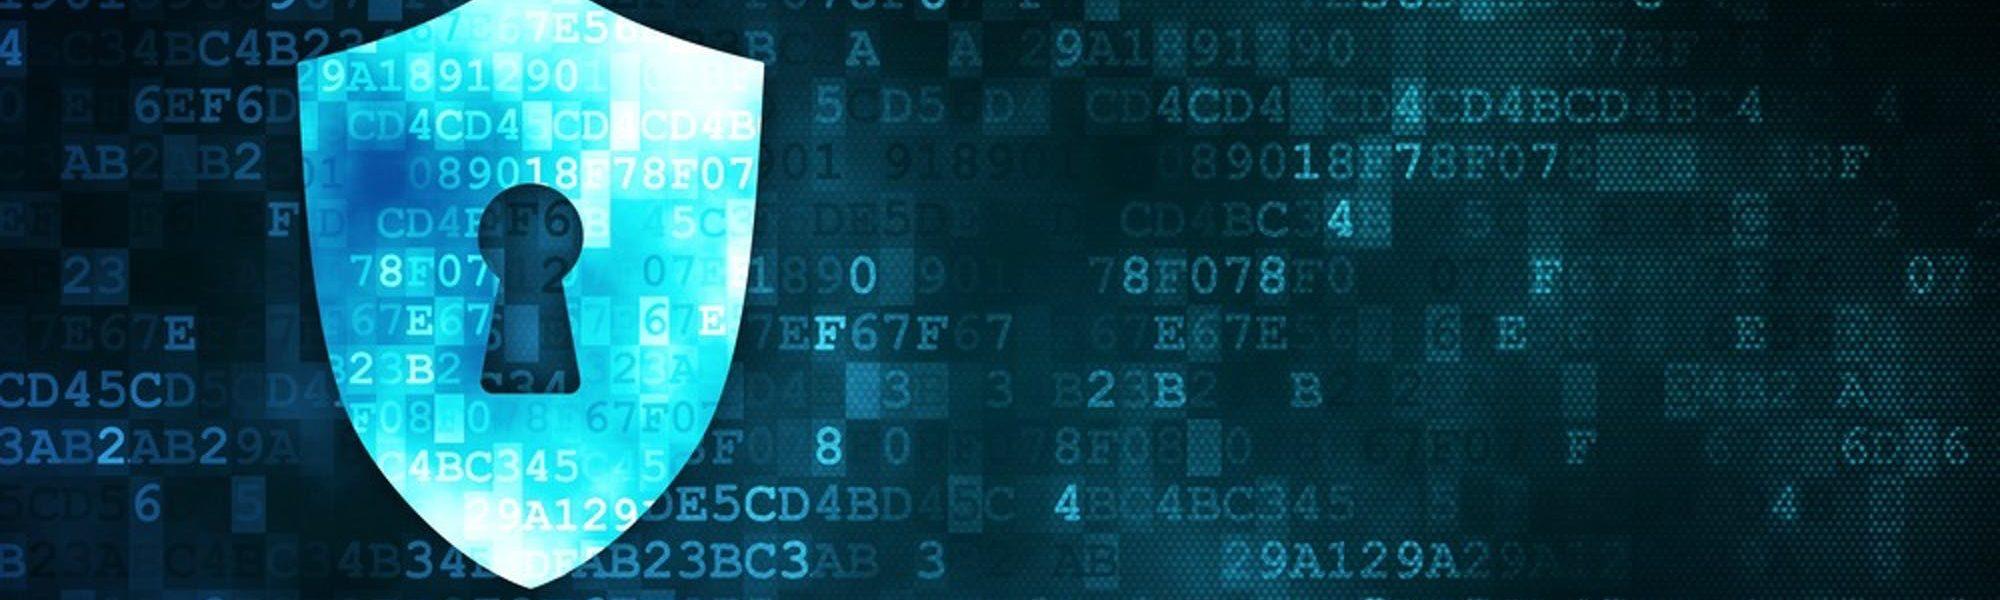 Sonae reforça aposta na cibersegurança com nova aquisição